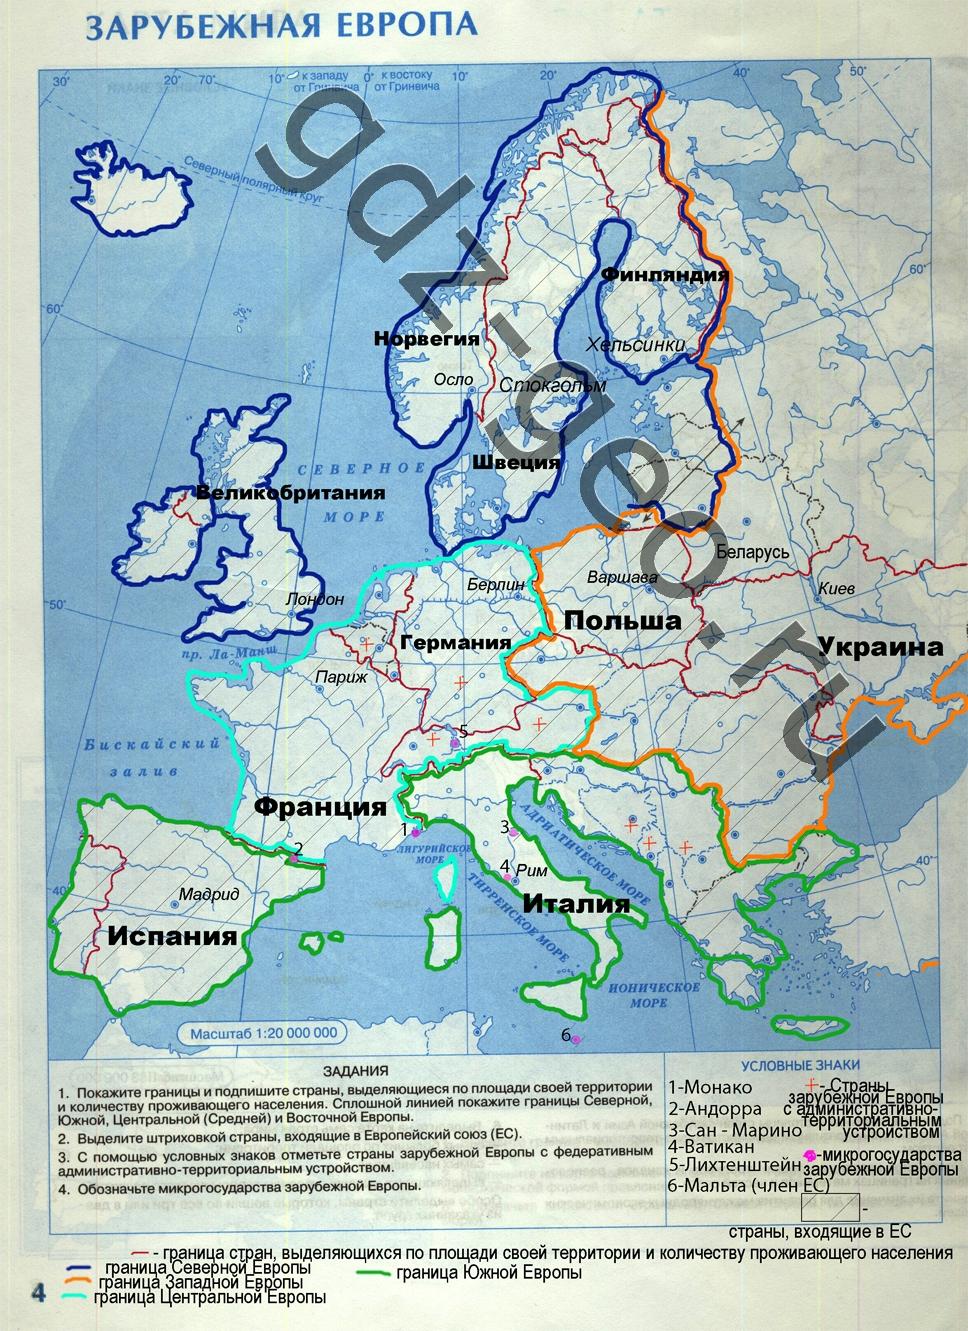 решебник контурная карта беларусь в мировом сообществе